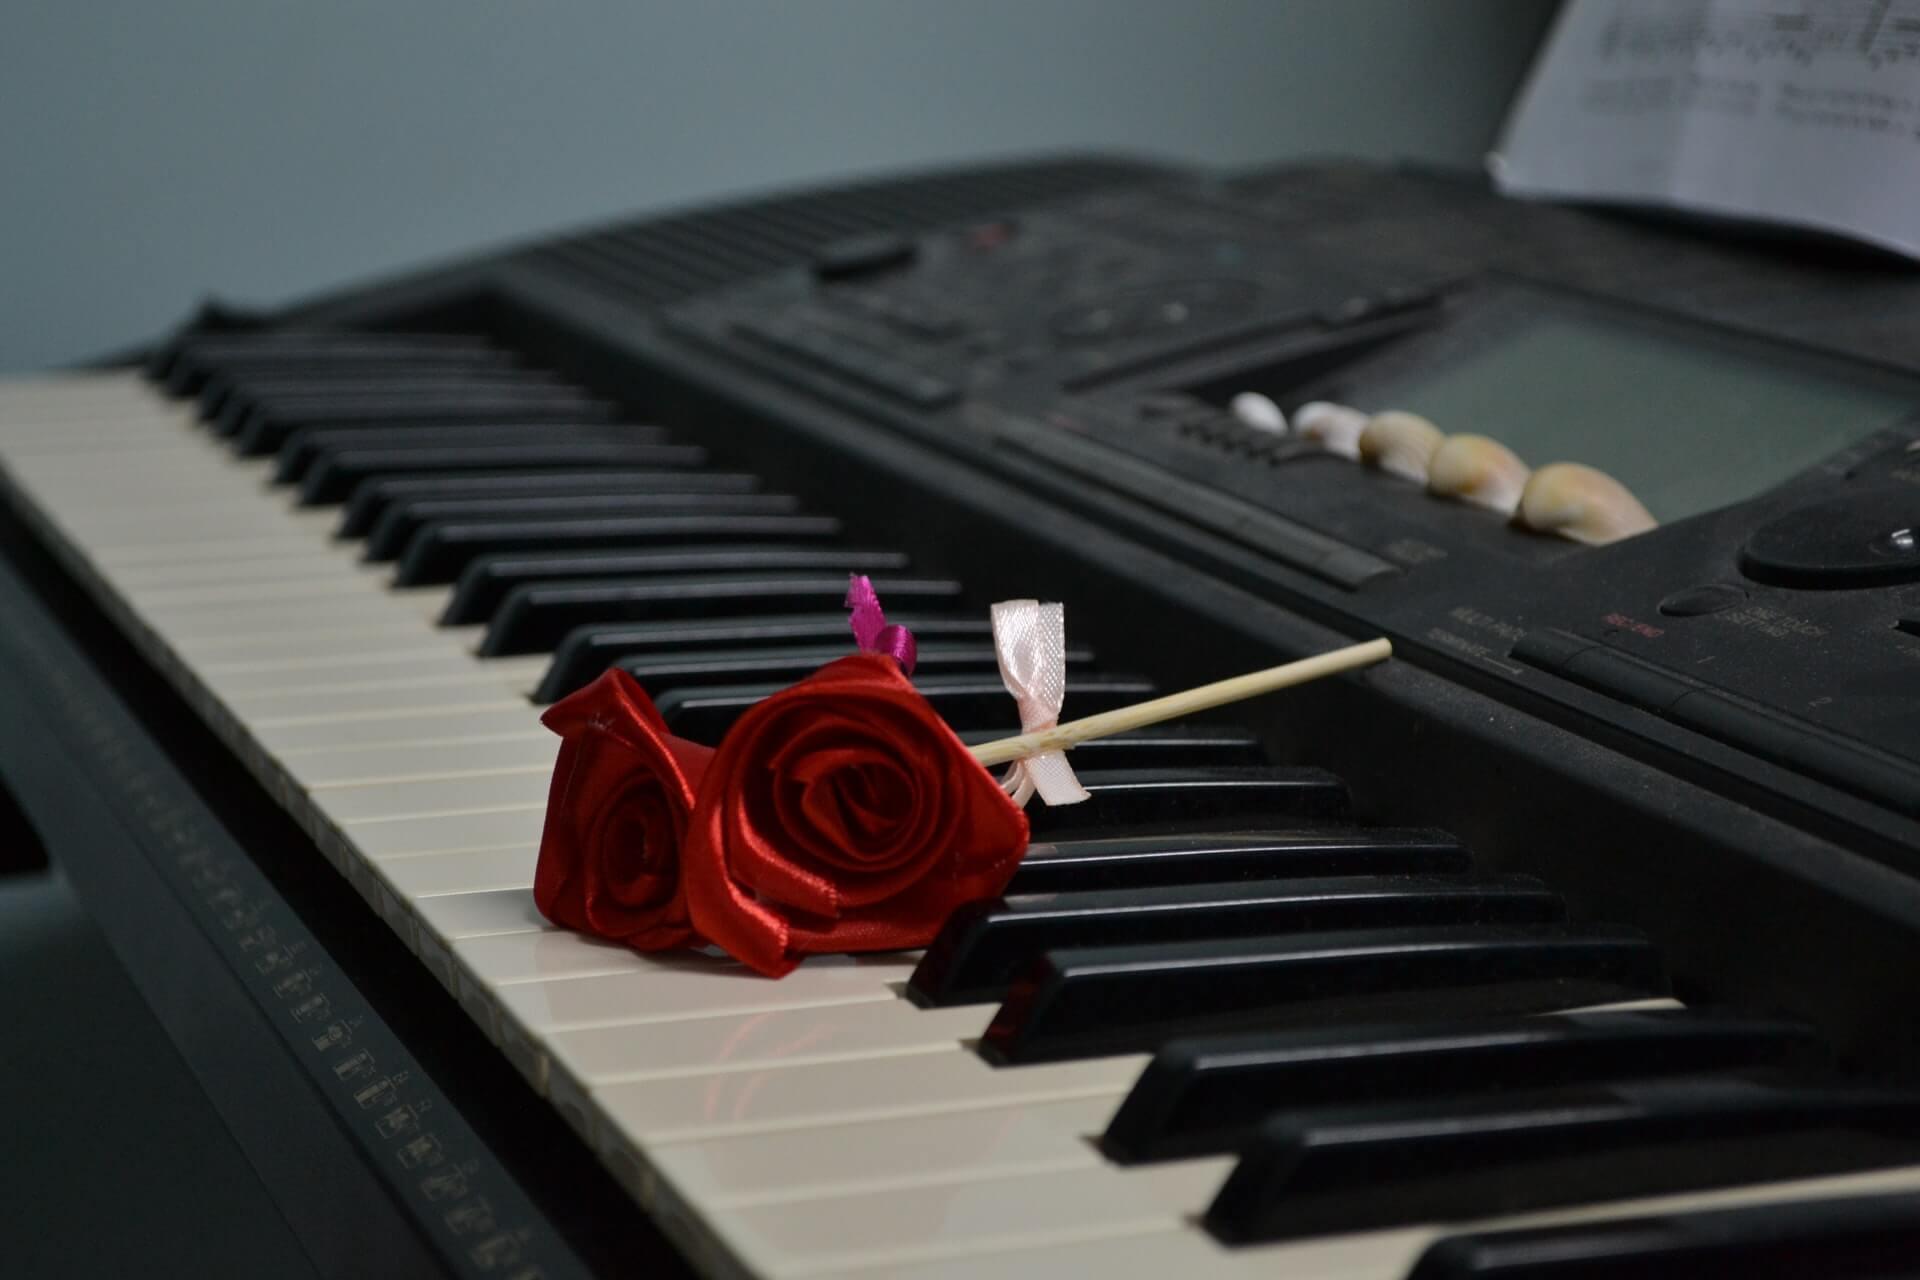 おすすめの電子ピアノを紹介!初心者や子ども向け10モデルが集結